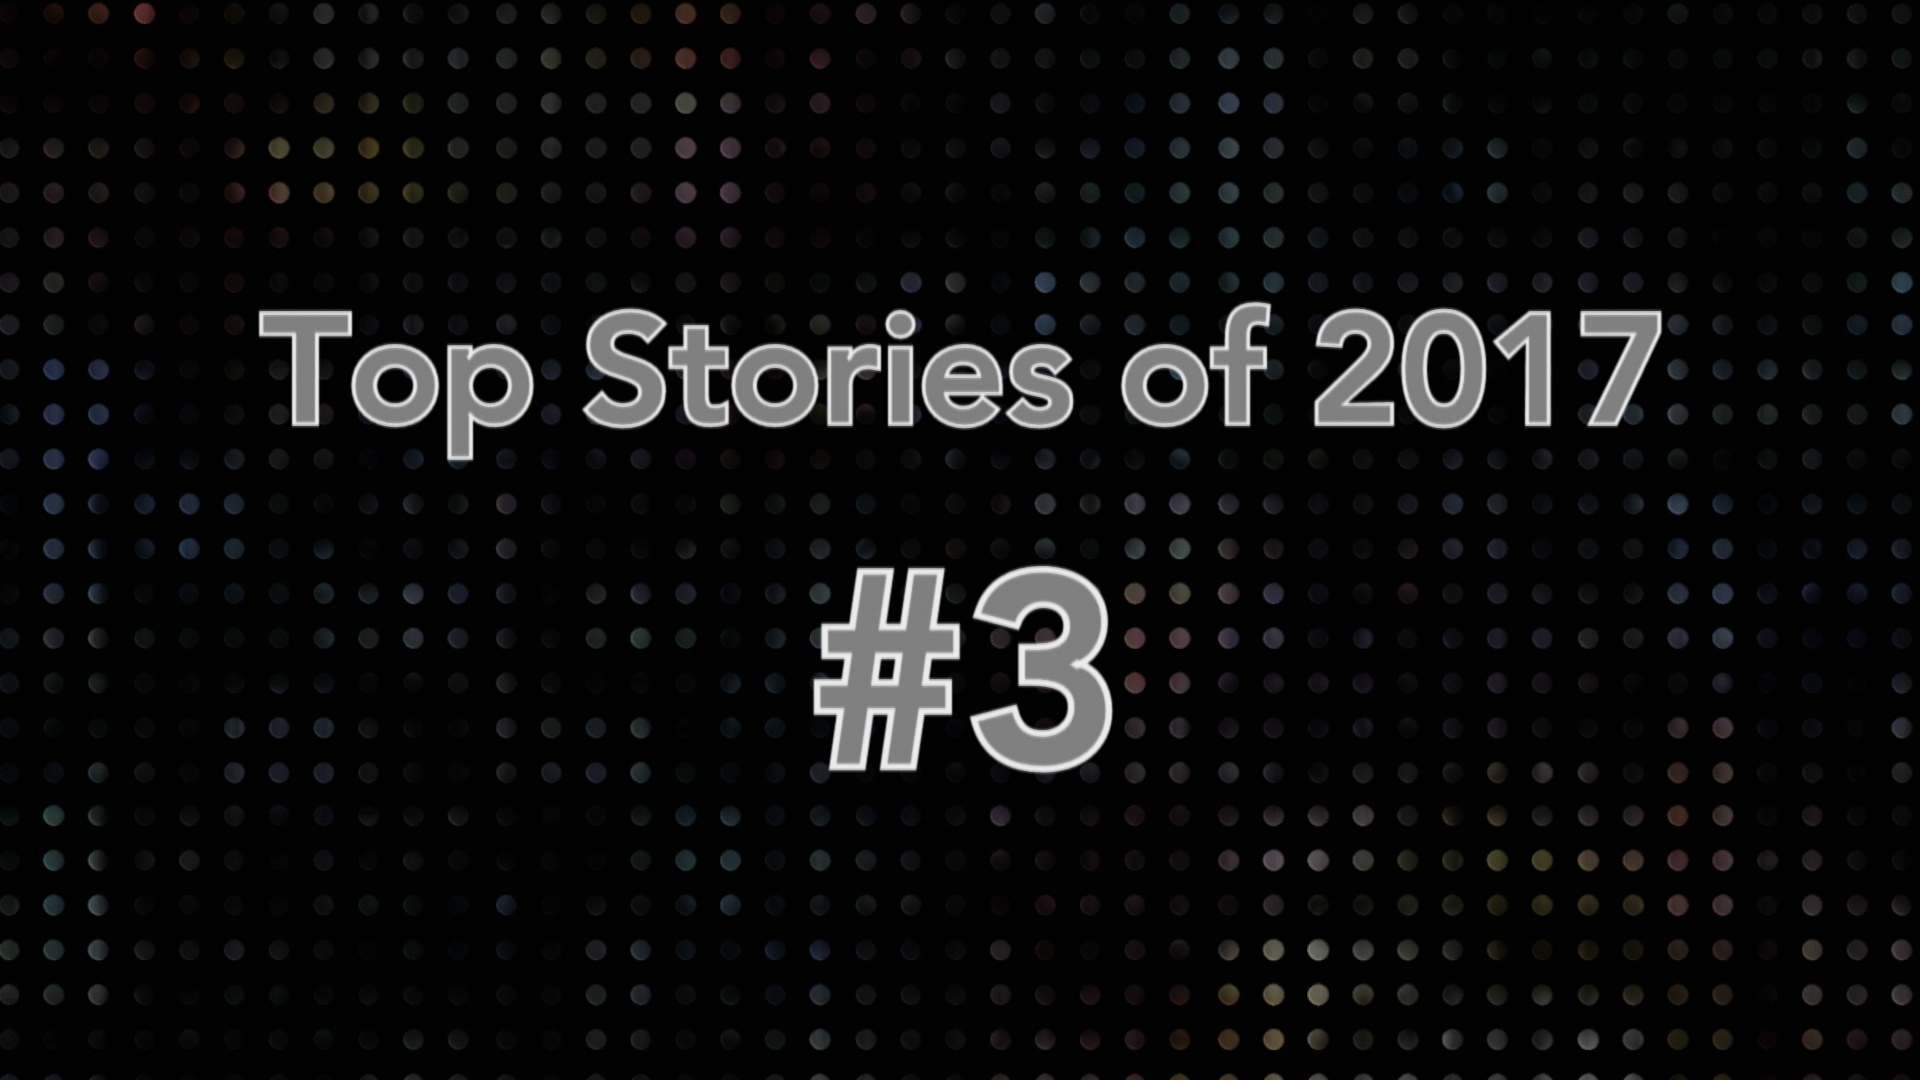 Top Stories of 2017 #3